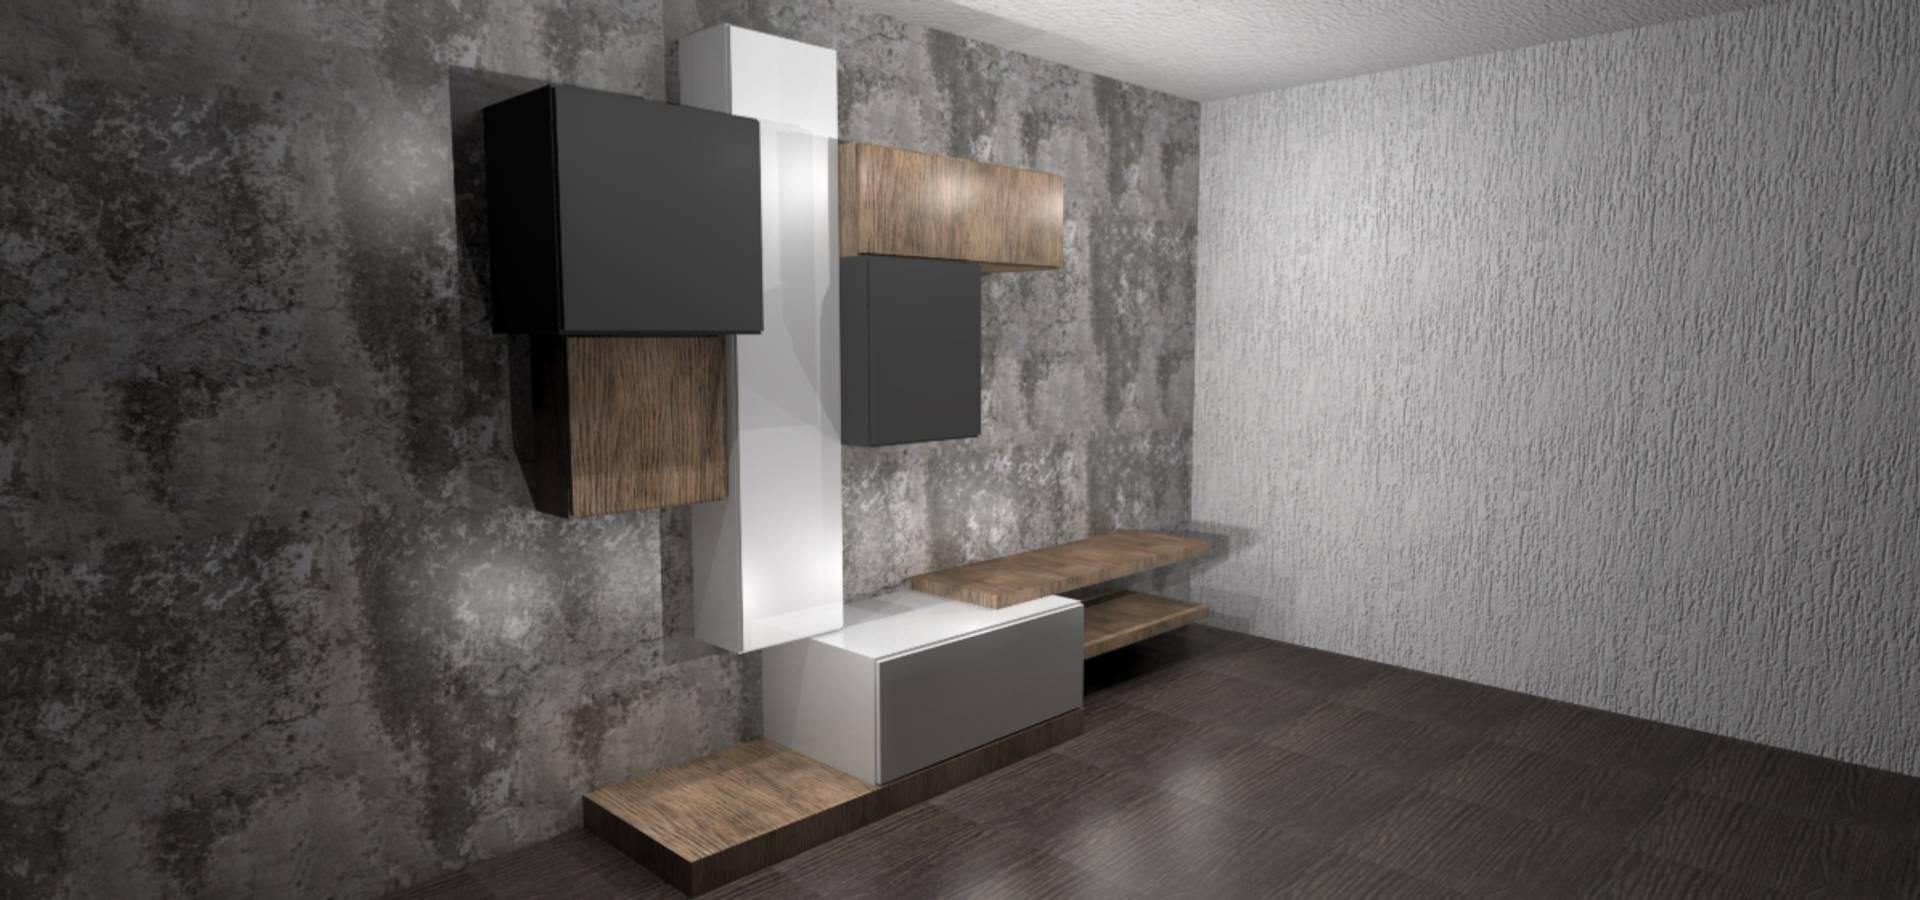 Eika Design